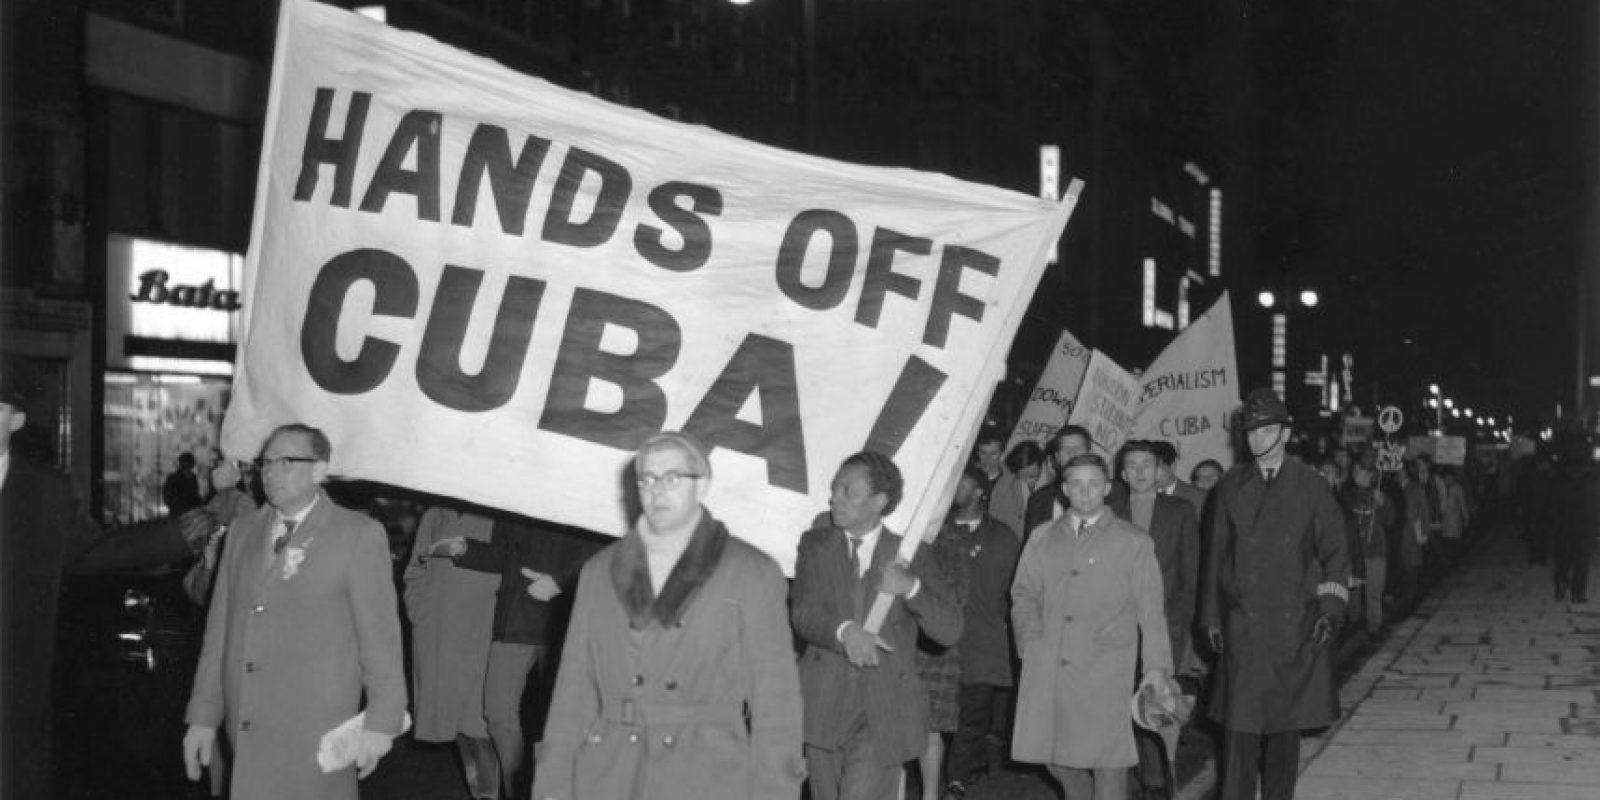 Fue en 1962 cuando la Unión Soviética instaló una base militar en Cuba Foto:Getty Images